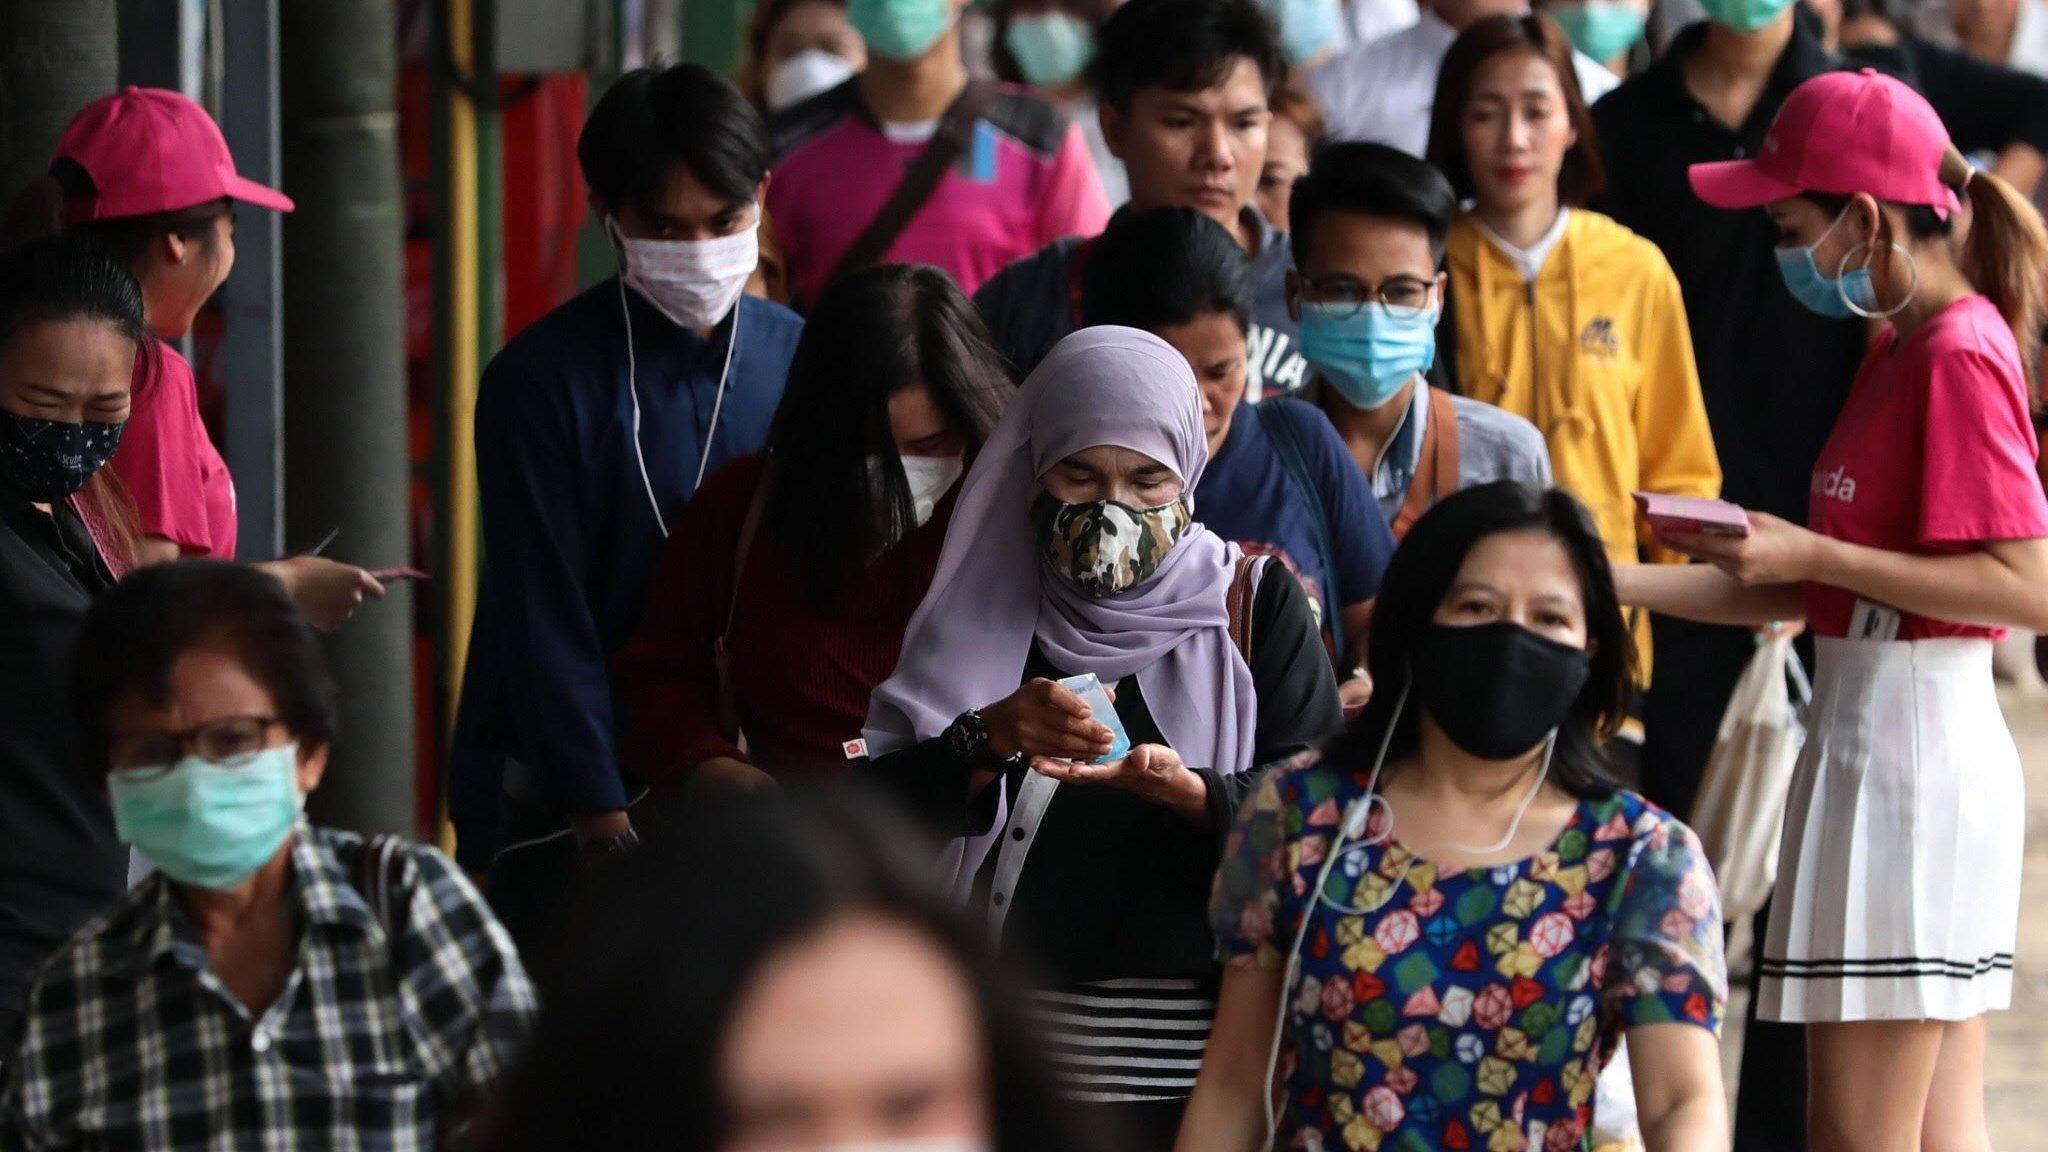 ไวรัสโคโรนา : ผู้ป่วยโควิด-19 ในไทย เสียชีวิตเพิ่มอีก 1 ติดเชื้อเพิ่ม 143 ราย